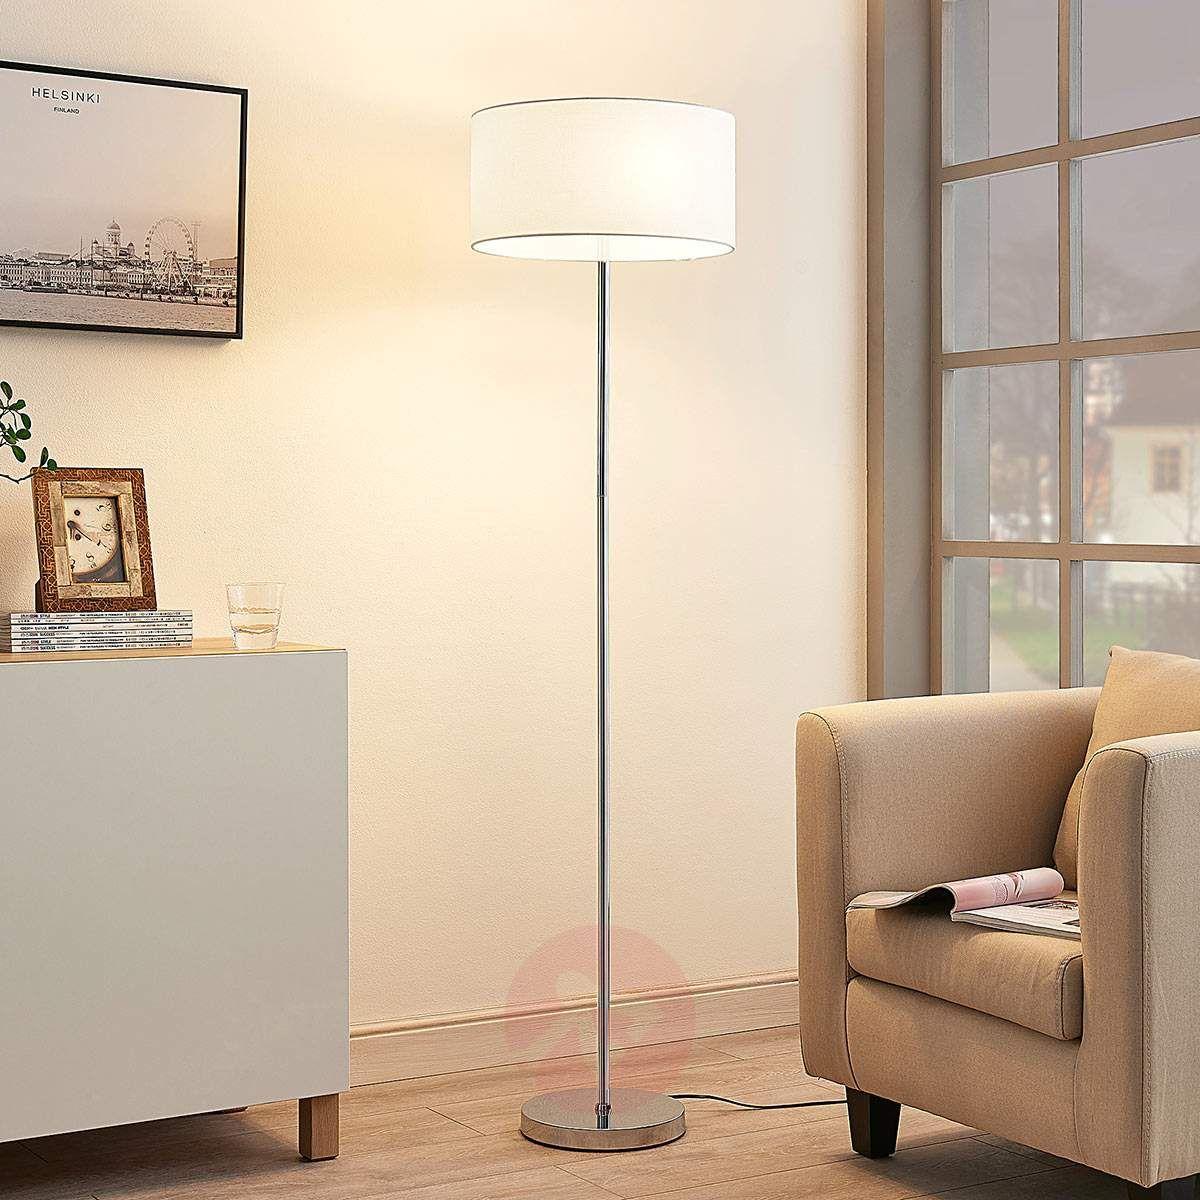 lampy podłogowe do sypialni | lampy podłogowe design | salon